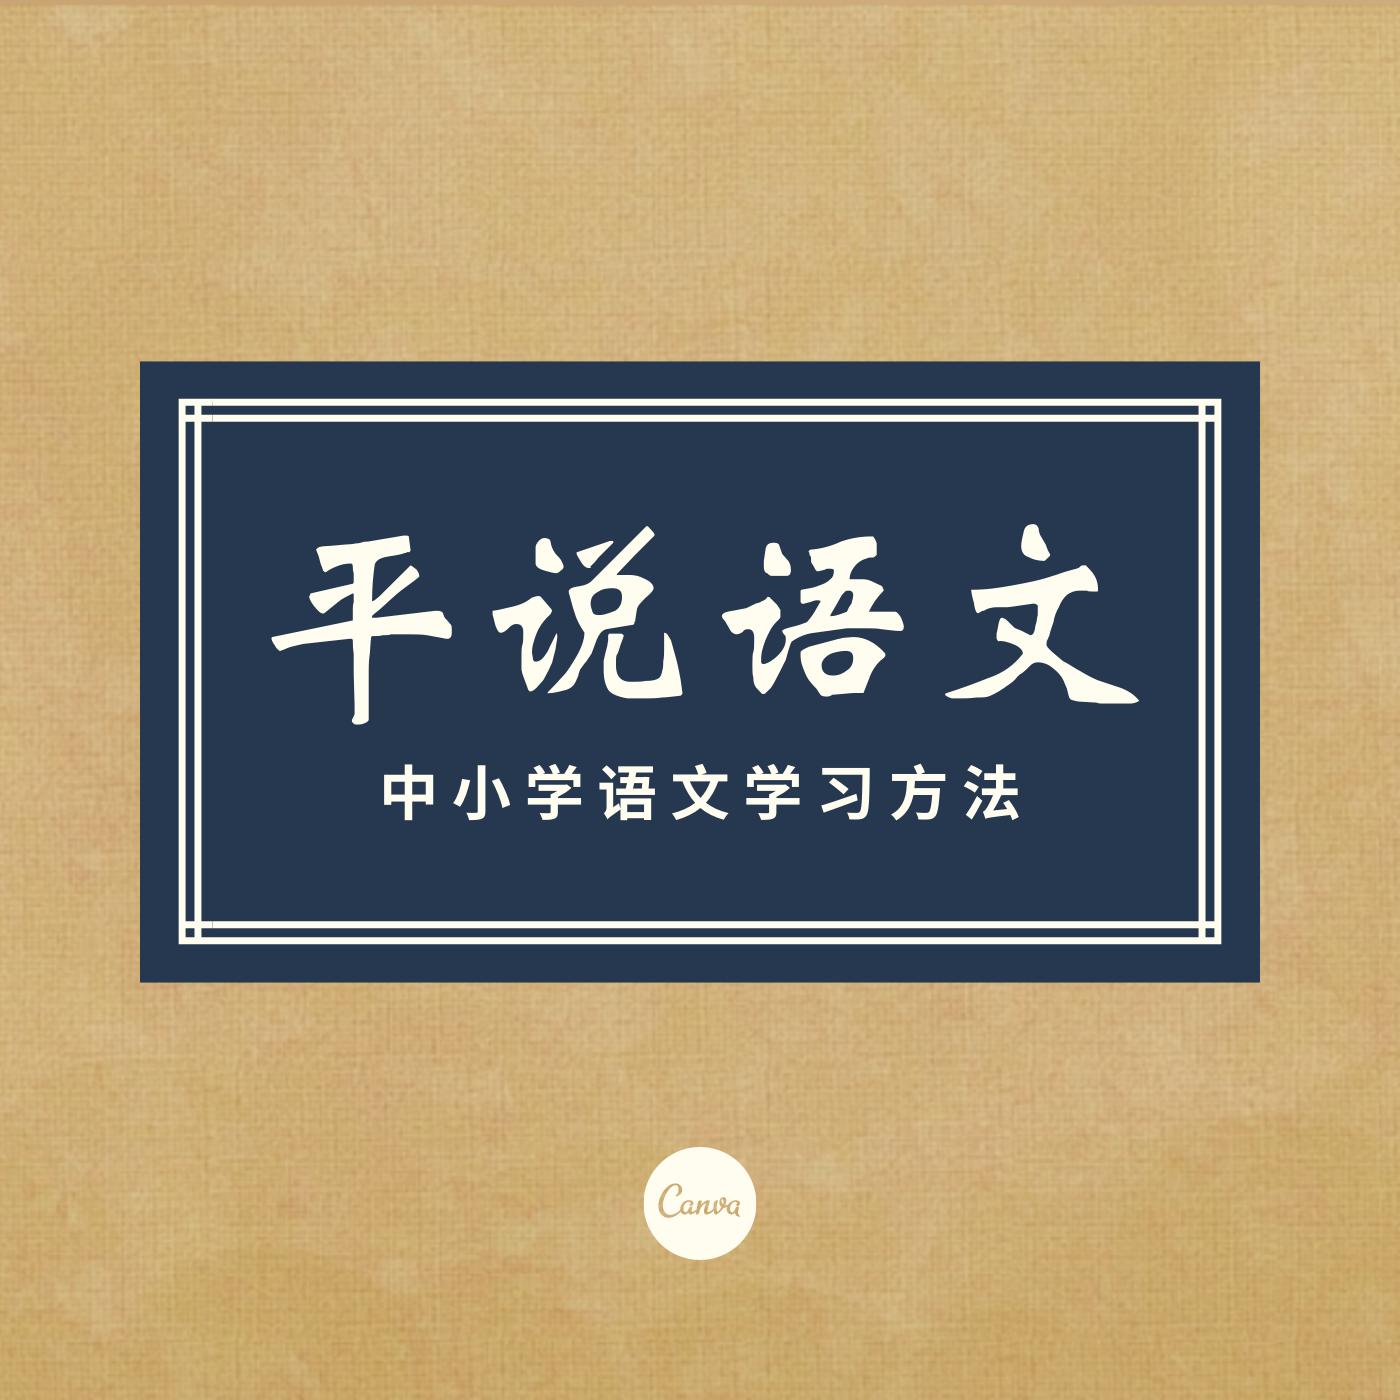 平说语文:中小学语文学习方法